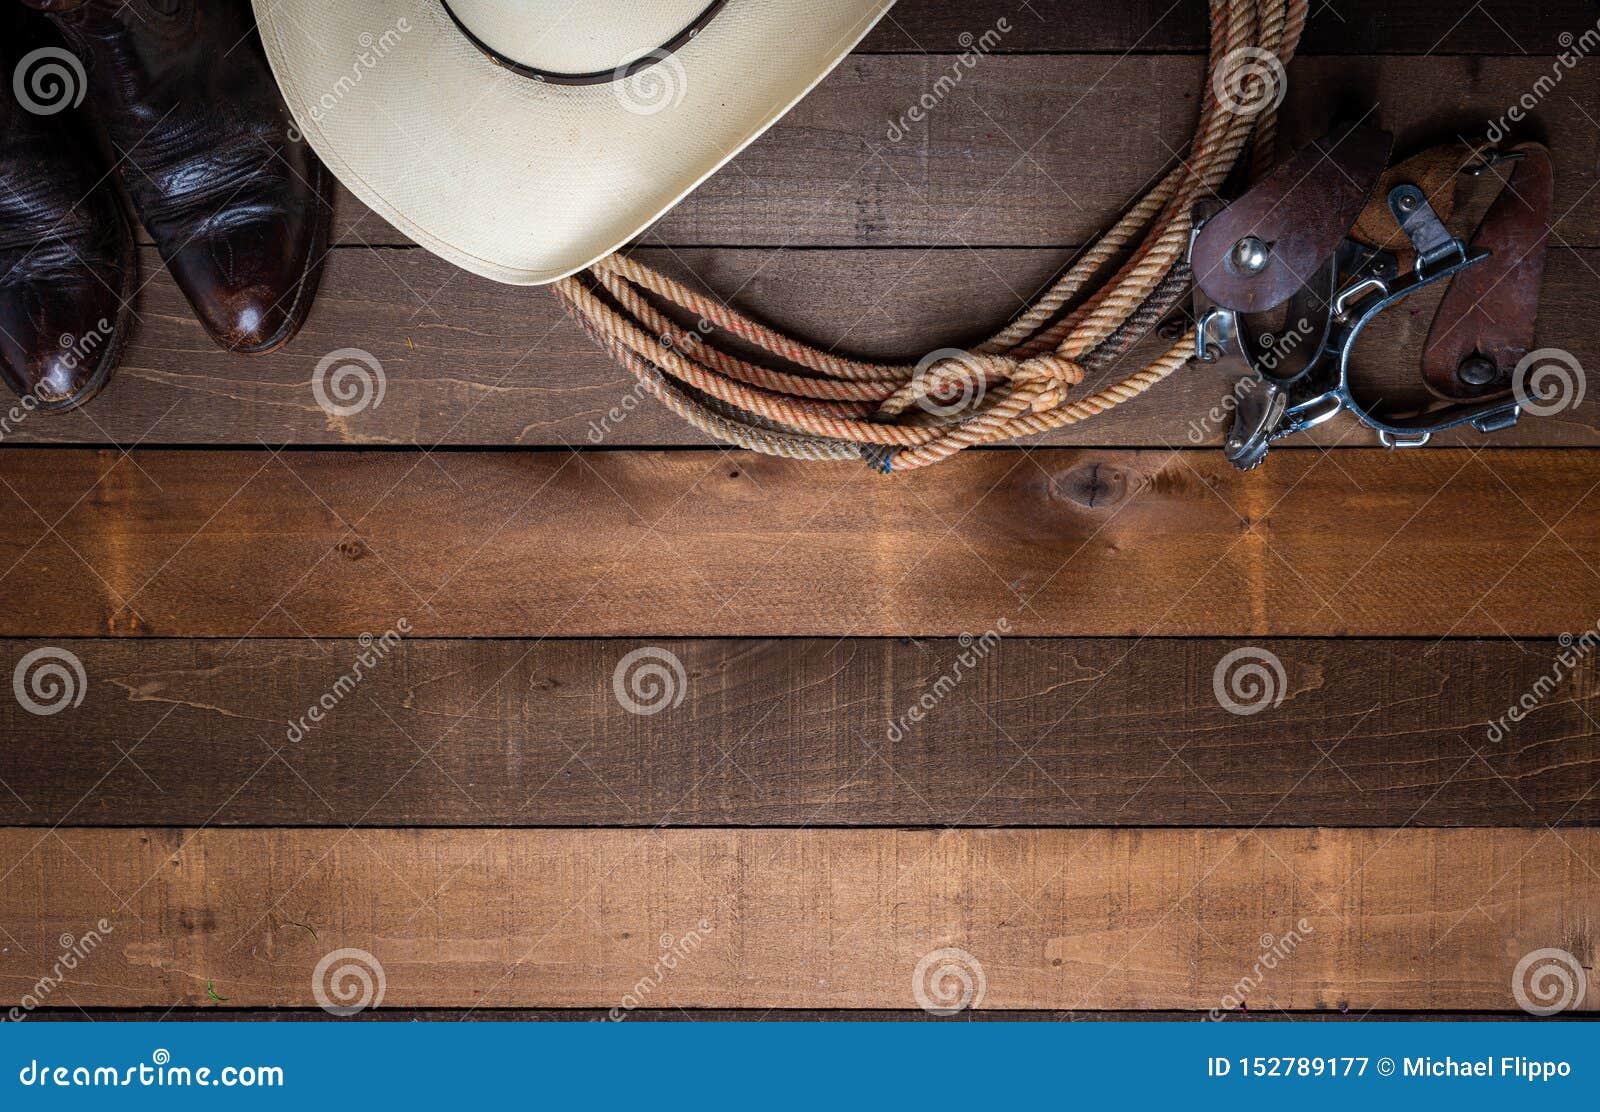 Vaquero americano Items estímulos incluing de un lazo y un sombrero de paja tradicional en un fondo de madera del tablón